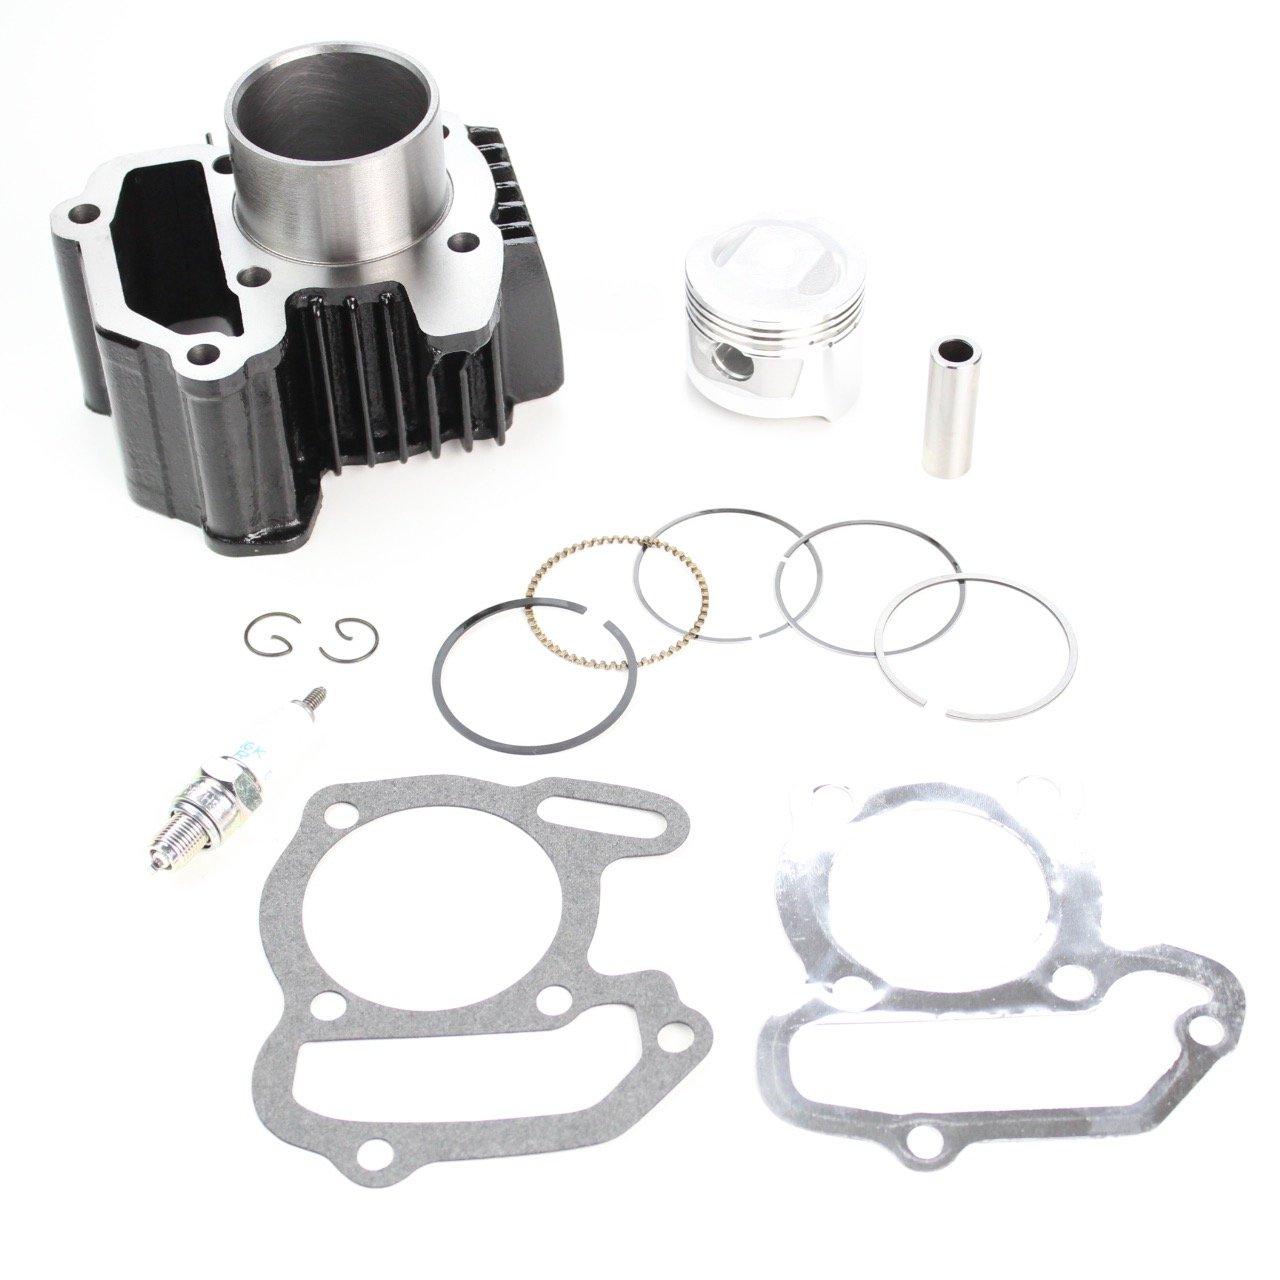 80cc Engine Piston Cylinder Gasket Top End Kit 1985-2008 Yamaha Badger Raptor 80 22K-11311-02-00 8TEN